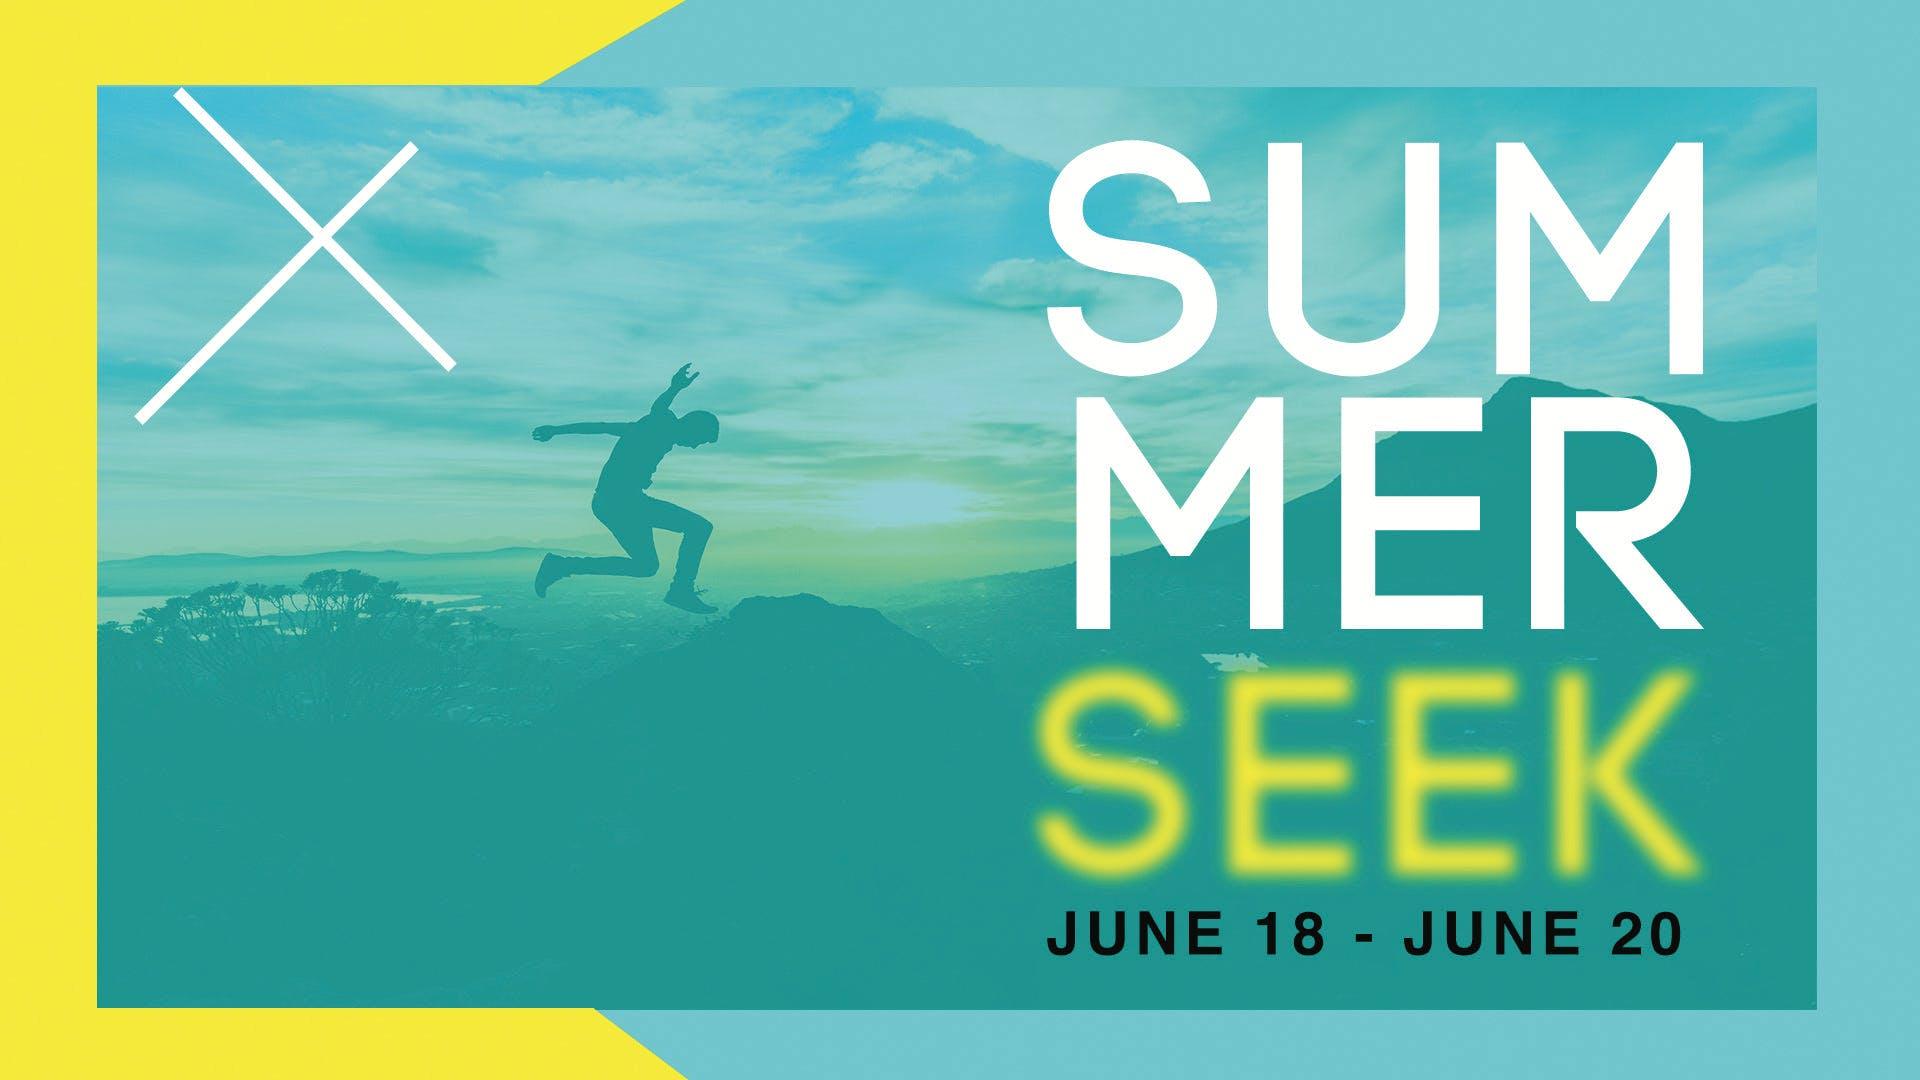 Summer Seek